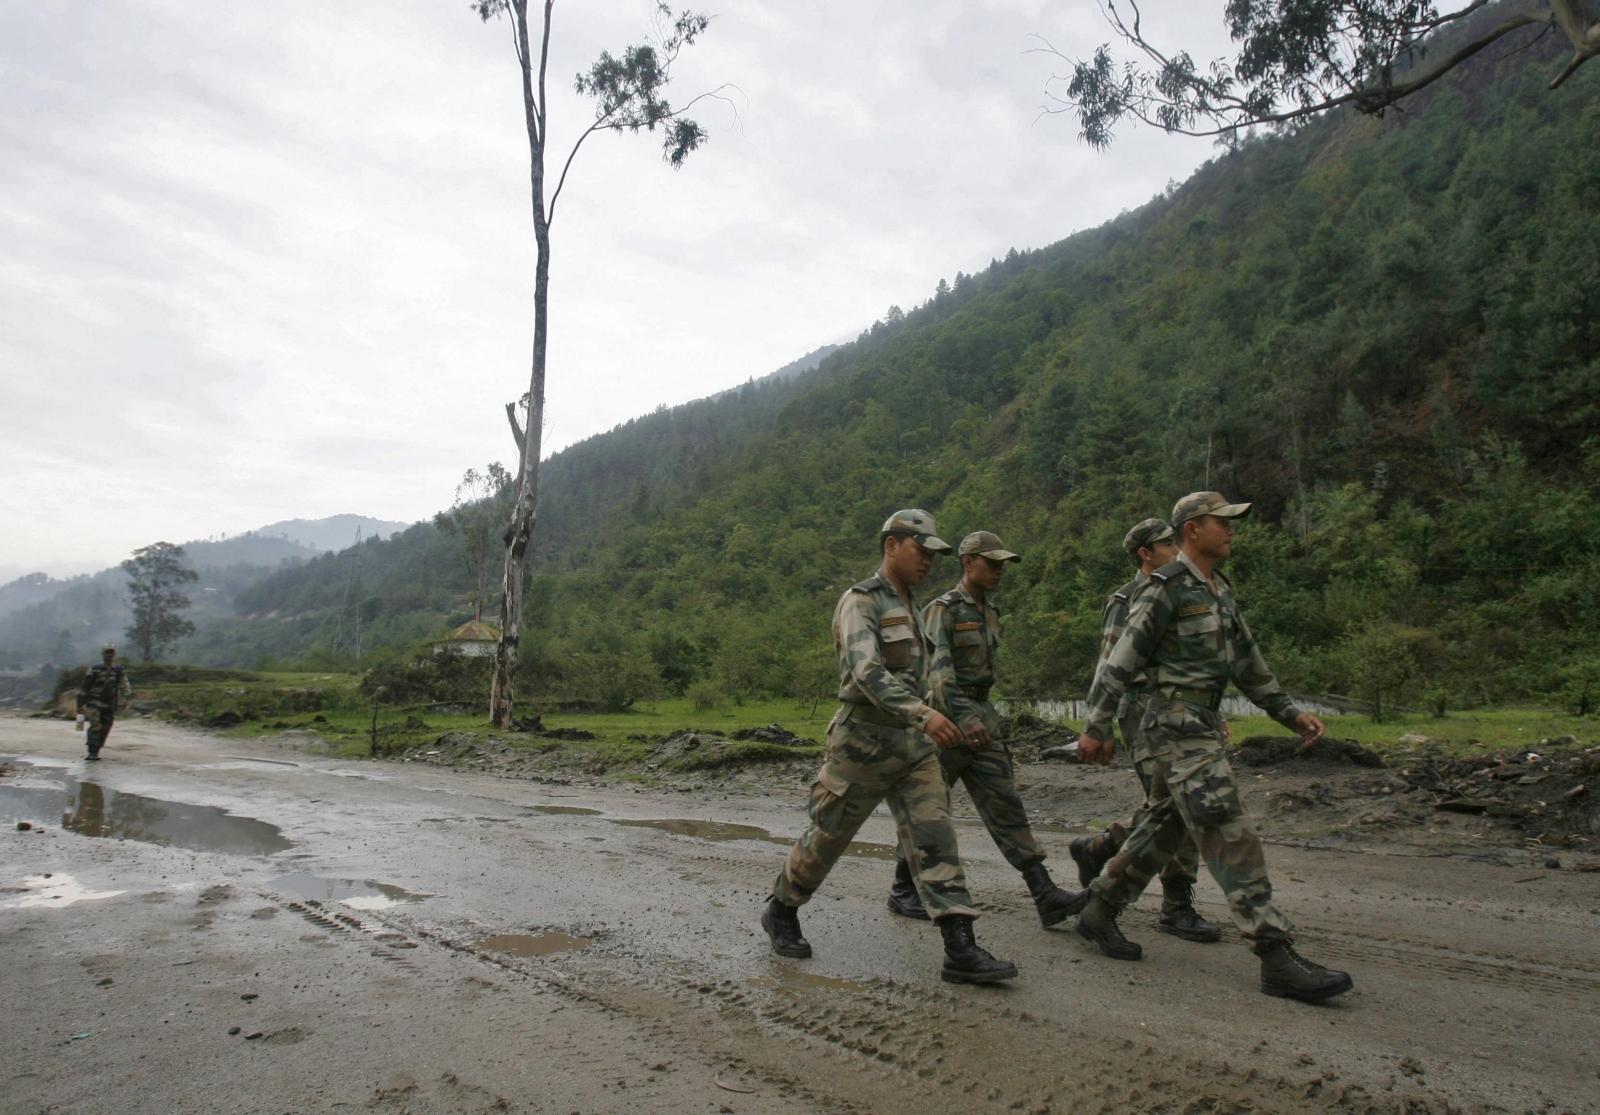 India China border tensions